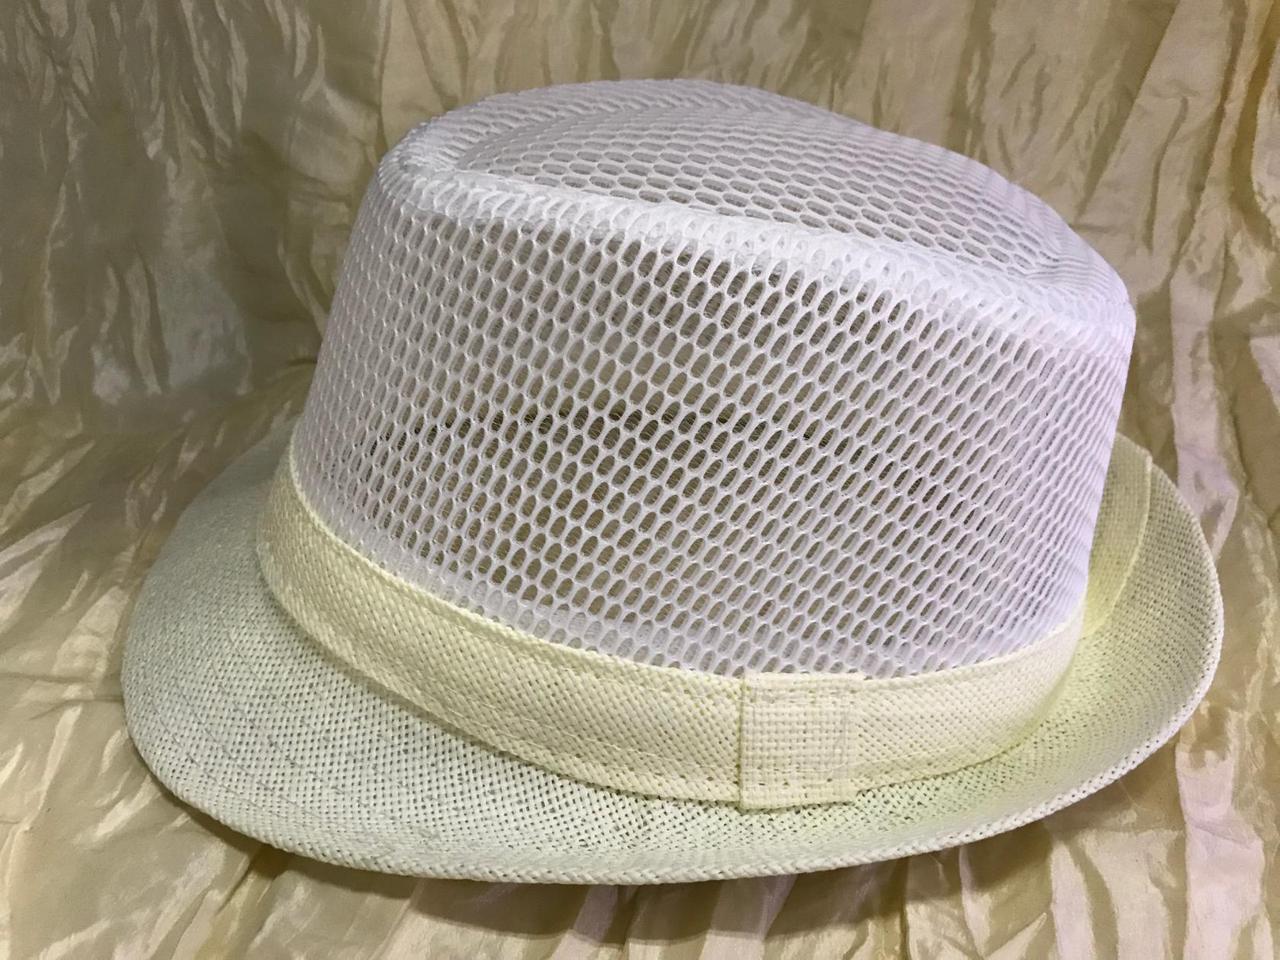 Летняя шляпа Федора тулья сетка размер 58 цвет белый с молочными полями